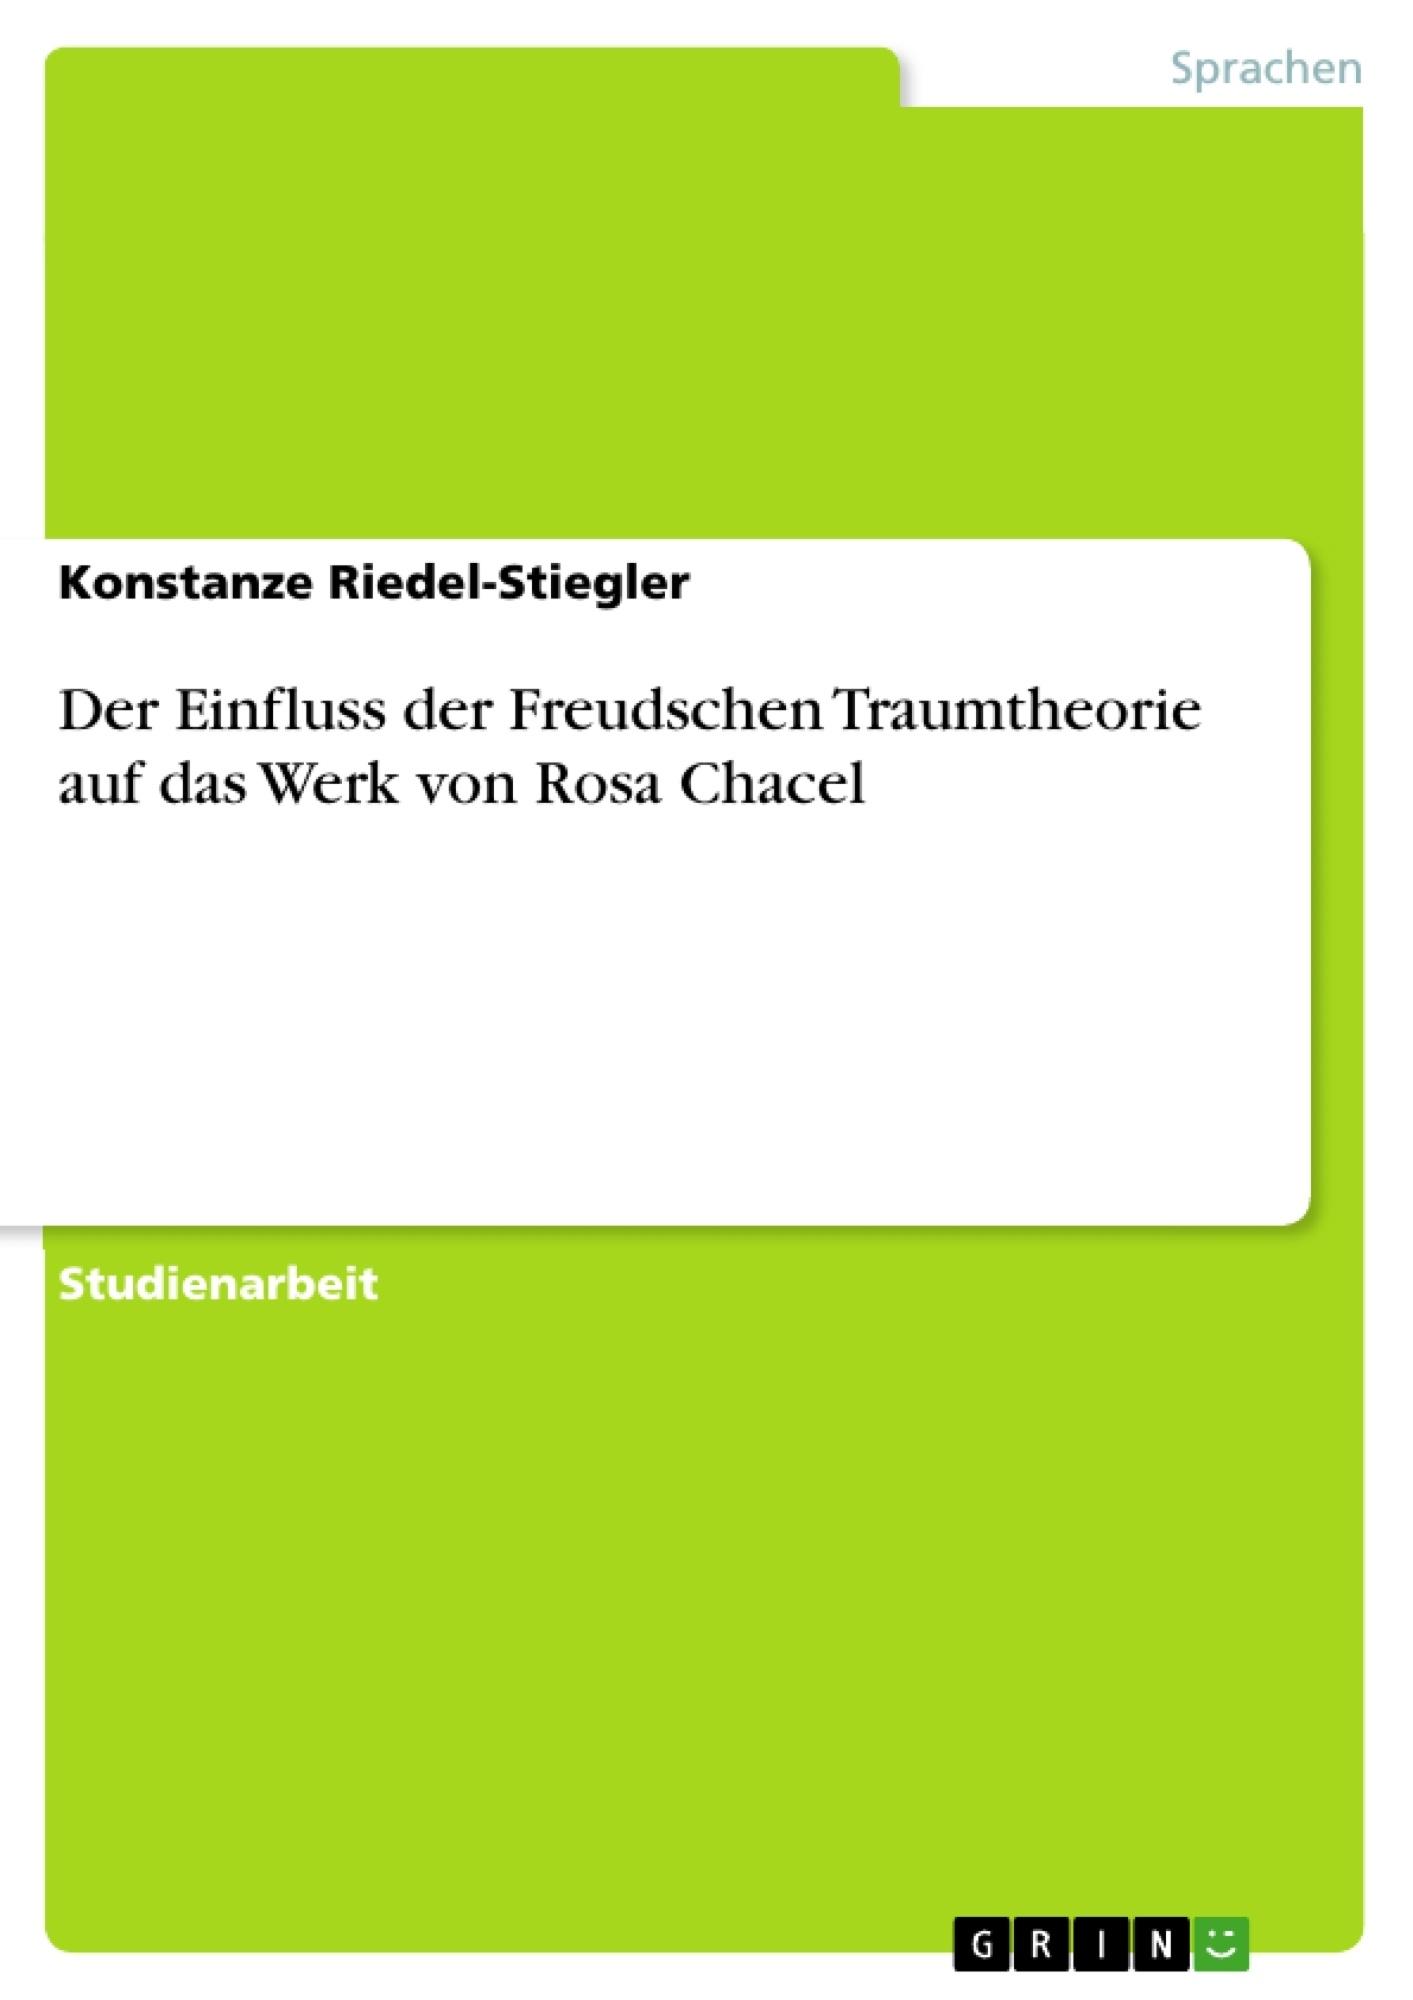 Titel: Der Einfluss der Freudschen Traumtheorie auf das Werk von Rosa Chacel